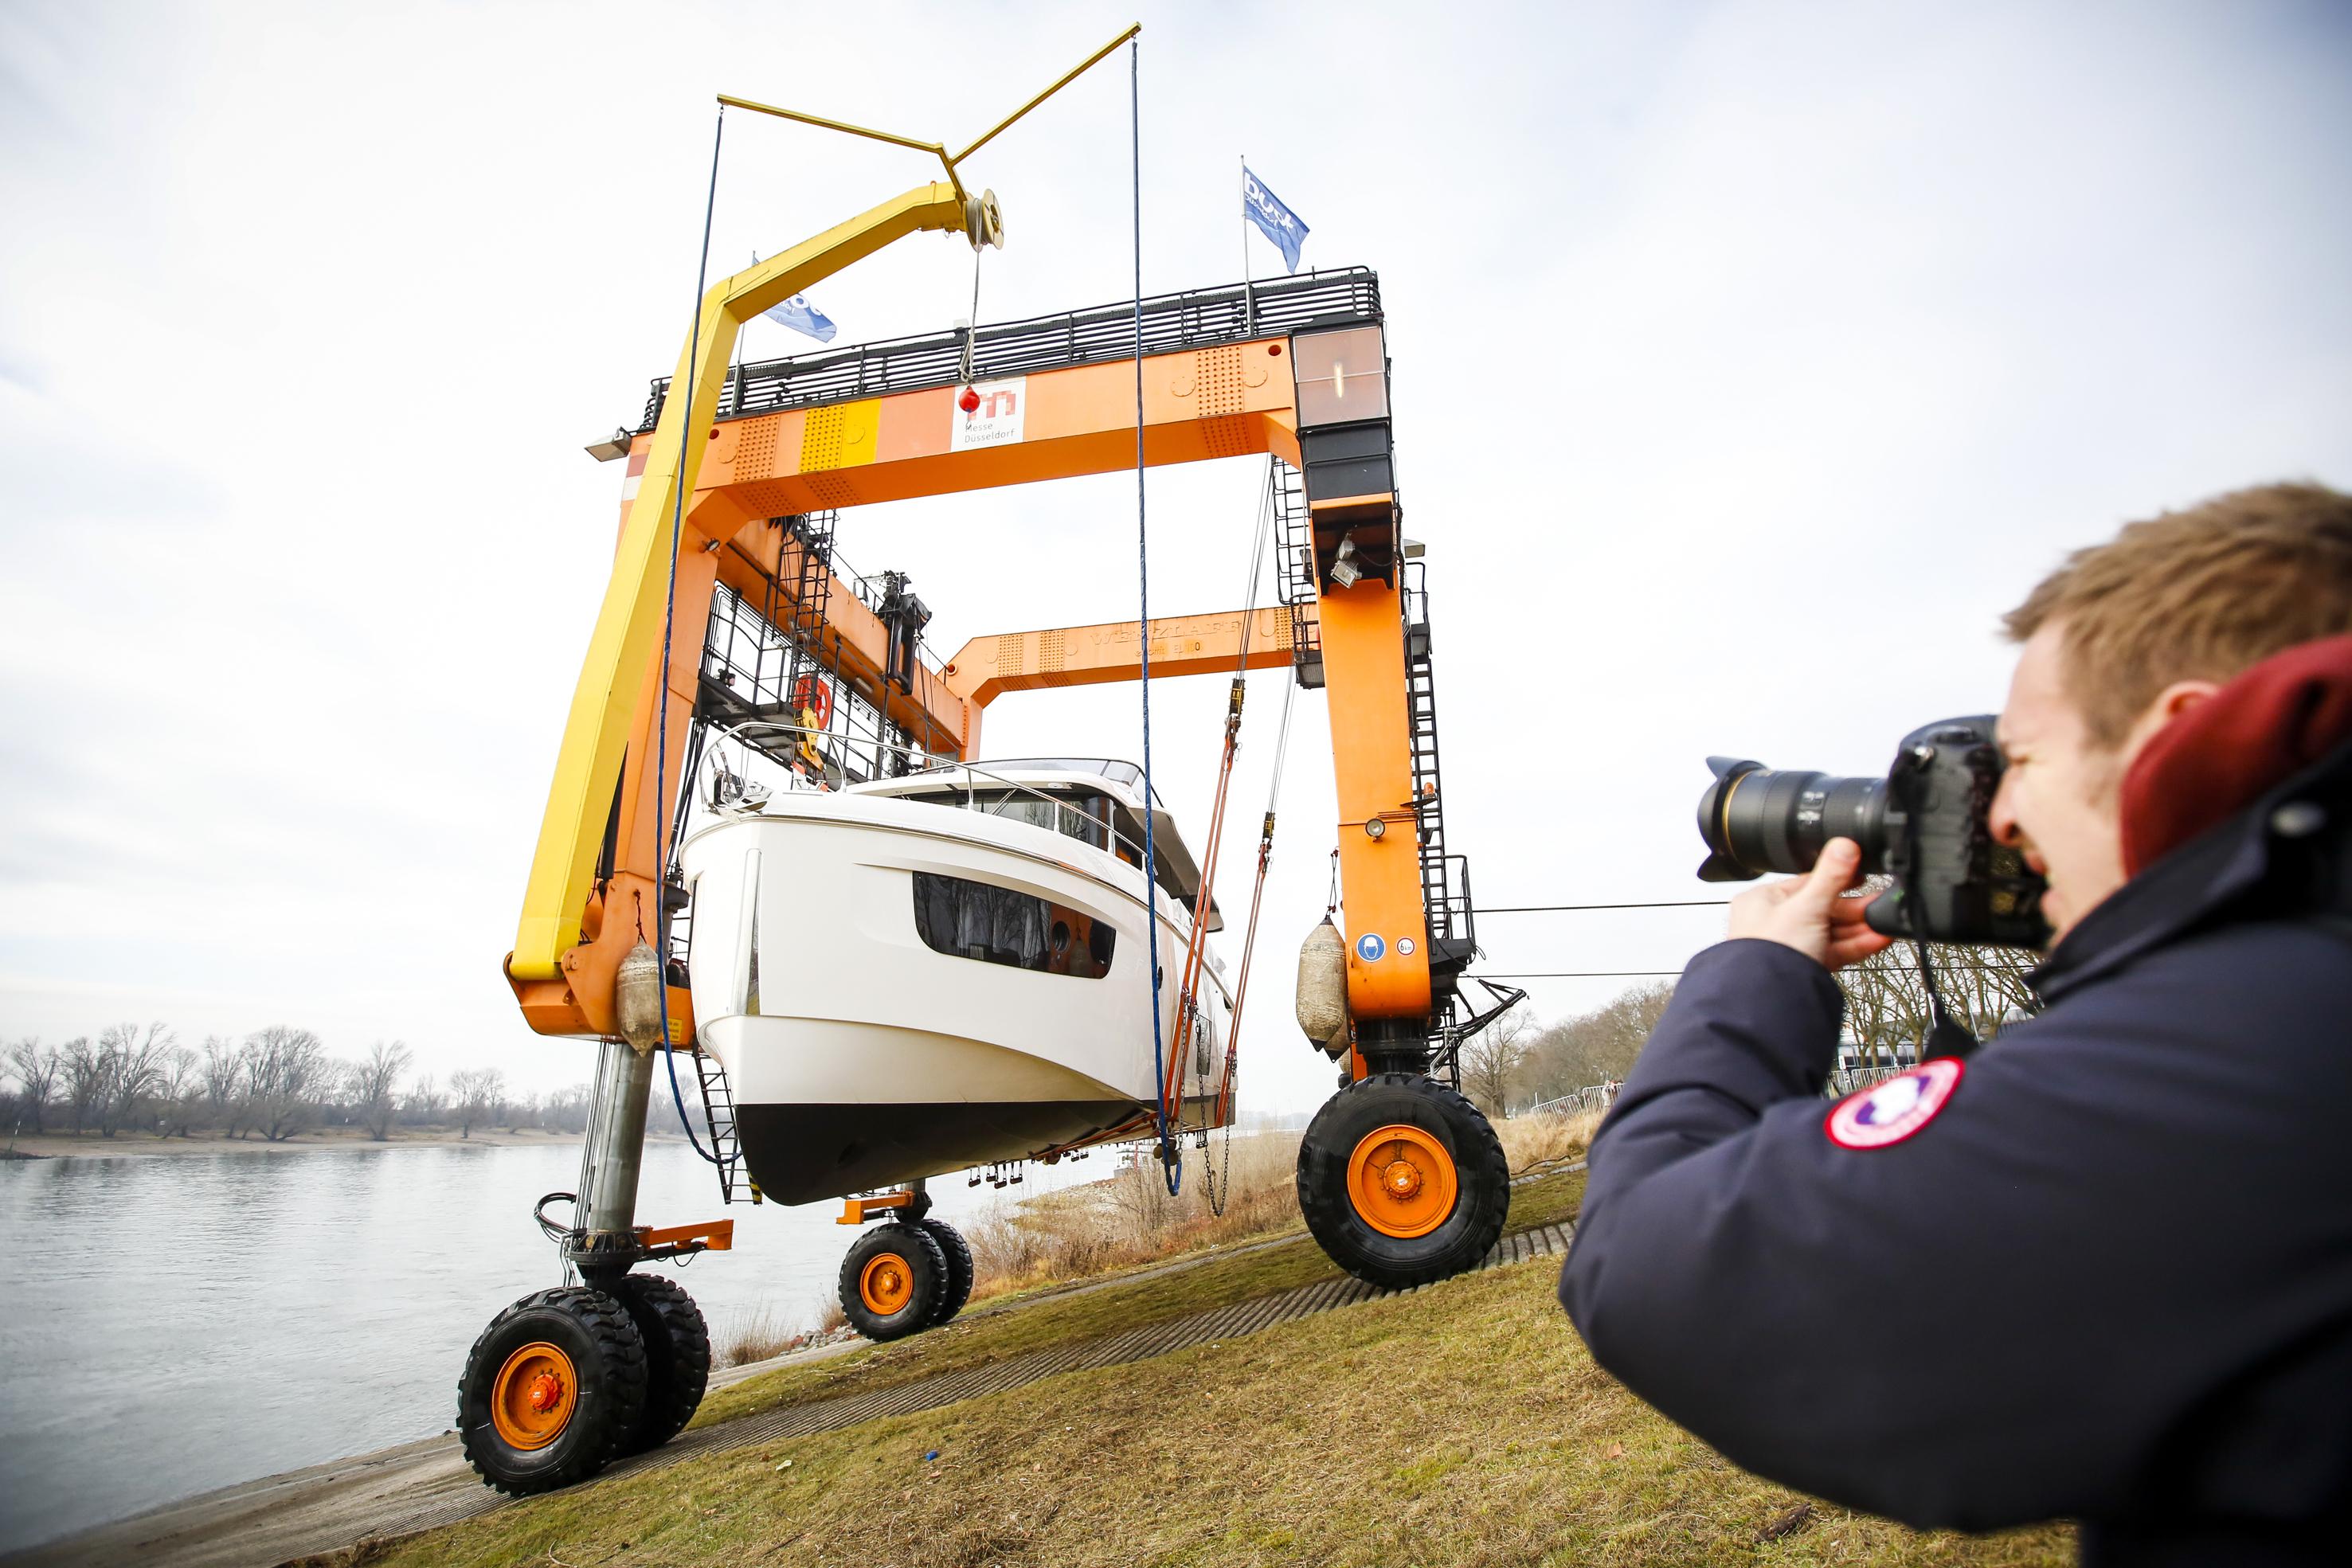 """Von Big Willis starken Armen aus dem Rhein gehoben zu werden, davon träumen die Luxusyachten, die sich ab jetzt auf den Weg zur boot nach Düsseldorf machen. Am 14. Dezember startet mit der Auskranung der Elling E6 aus der niederländischen Neptune Marine Werft in Aalst, der italienischen Navetta 52 und """"Absolute 60 Fly"""" aus der Absolute Werft in Podenza in der Emilia Romagna der Auskranungsreigen zur boot 2017. Schwergewicht """"Big Willi"""", er wiegt 84 Tonnen und kann bis zu 100 Tonnen schwere Schiffe tragen, rollt mühelos in die Fluten des Rheins. Dort hebt er bis zu Beginn der boot am 21. Januar bis zu 29 Luxus-, Motor- und Segelyachten aus dem Wasser auf einen Tieflader, der die Traumschiffe in ihre temporäre Heimat in den Düsseldorfer Messehallen fährt.   Mit kraftvoller Eleganz gleitet die """"Elling E6"""" mit ihrem 900 PS Volvo Penta 6-Zylinder Motor durchs Wasser. Der Transatlantik Kreutzer misst 65 Fuß (20 Meter) und ist 19 Tonnen schwer. Der Preis für das neue Flagschiff der Elling E-Linie liegt bei 1.725.500 Euro. Am Mittwochmorgen lag sie als erstes Boot für die boot Düsseldorf 2017 in Big Willis Armen und wurde zu ihrem Stand B21 in Halle 17 transportiert.   Als Juwel in den Wellen bezeichnet die italienische Absolute Werft ihre Navetta 52. Sie besticht mit Eleganz und Funktionalität, ist mit zwei 435 PS starken Volvo Penta IPS600s Motoren ausgestattet, misst 52 Fuß (15,84 Meter) und wechselt für 1.119.545 Euro den Besitzer. Am Mittwoch um 12:00 Uhr wurde die Luxusyacht aus der italienischen Absolute Werft von Big Willi an Land gehoben.   Dritte im Bunde am ersten Auskranungstag der boot 2017 war um 14:00 Uhr die """"Absolute 60 FLY"""". Sie ist ein luxuriöses 60-Fuß-Boot, glänzt mit drei Sonnendesks, konzipiert für die Freizeit, den Cocktail-Empfang oder Banketts. Die """"Absolute 60 Fly"""" ist 18,4 Meter lang, motorisiert mit 2 x 725 CV Volvo IPS, fährt eine maximale Höchstgeschwindigkeit von 32 Knoten (64,82 kmh) und eine Reisegeschwindigkeit von 25 Knoten (46,3 kmh), ih"""